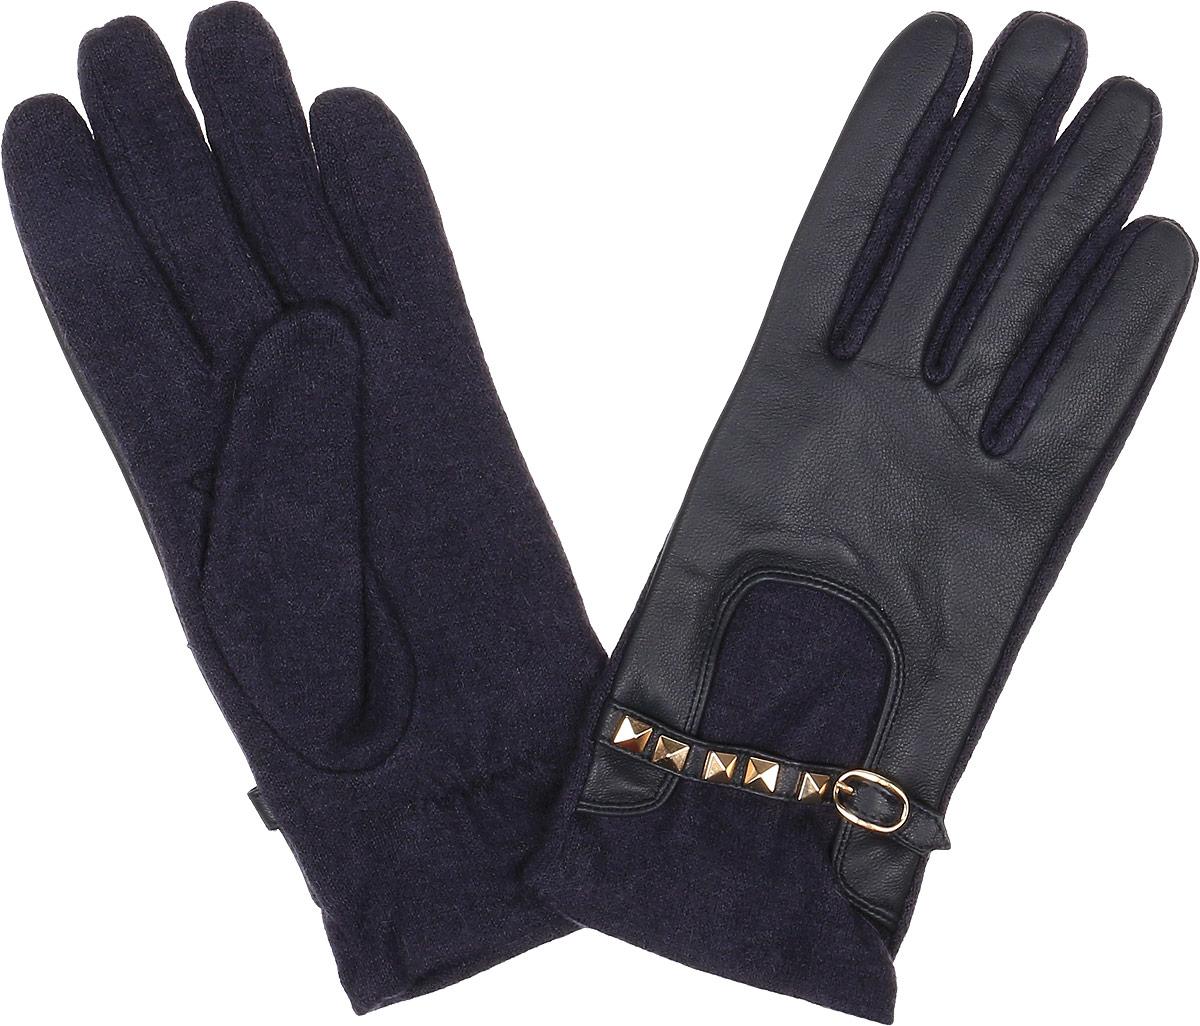 Перчатки3.5-12 navyСтильные женские перчатки Fabretti не только защитят ваши руки, но и станут великолепным украшением. Перчатки выполнены из натуральной кожи ягненка и высококачественной шерсти. Модель оформлена декоративным хлястиком с застежкой и металлическими заклепками. Перчатки имеют строчки-стежки на запястье, которые придают большее удобство при носке. Стильный аксессуар для повседневного образа.